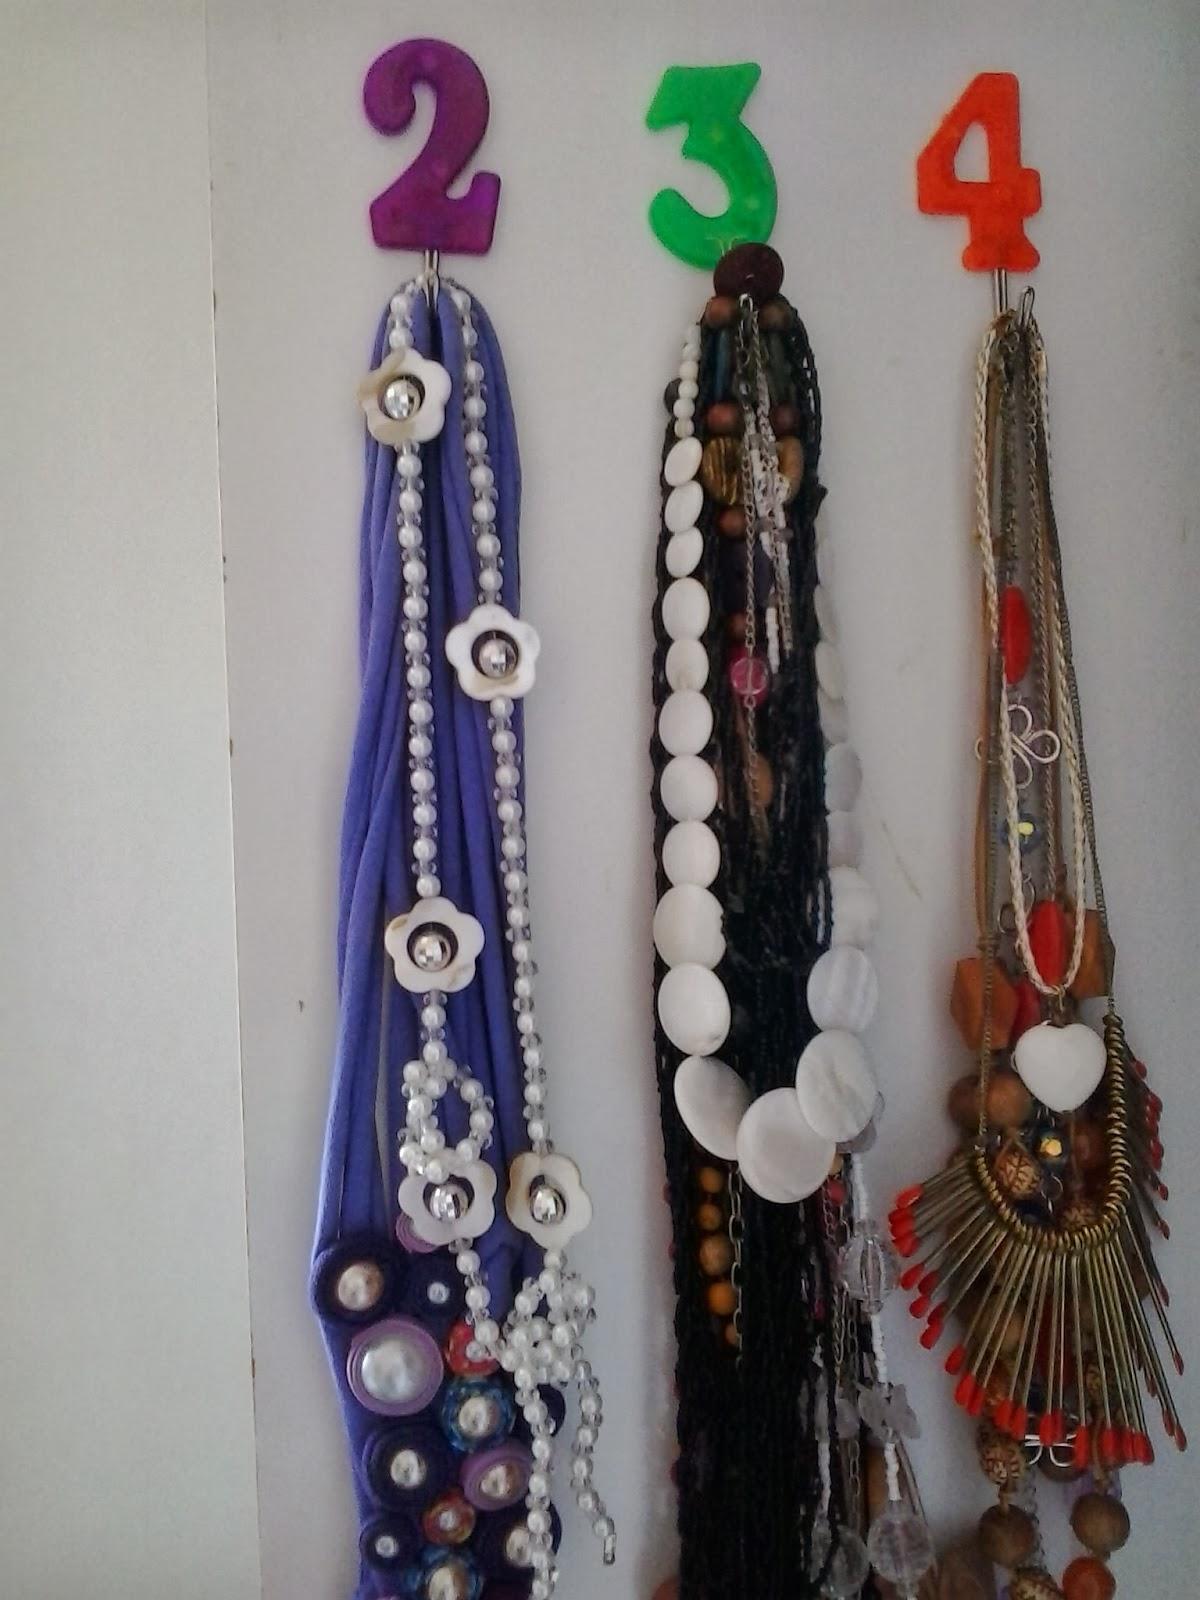 cabide de colares